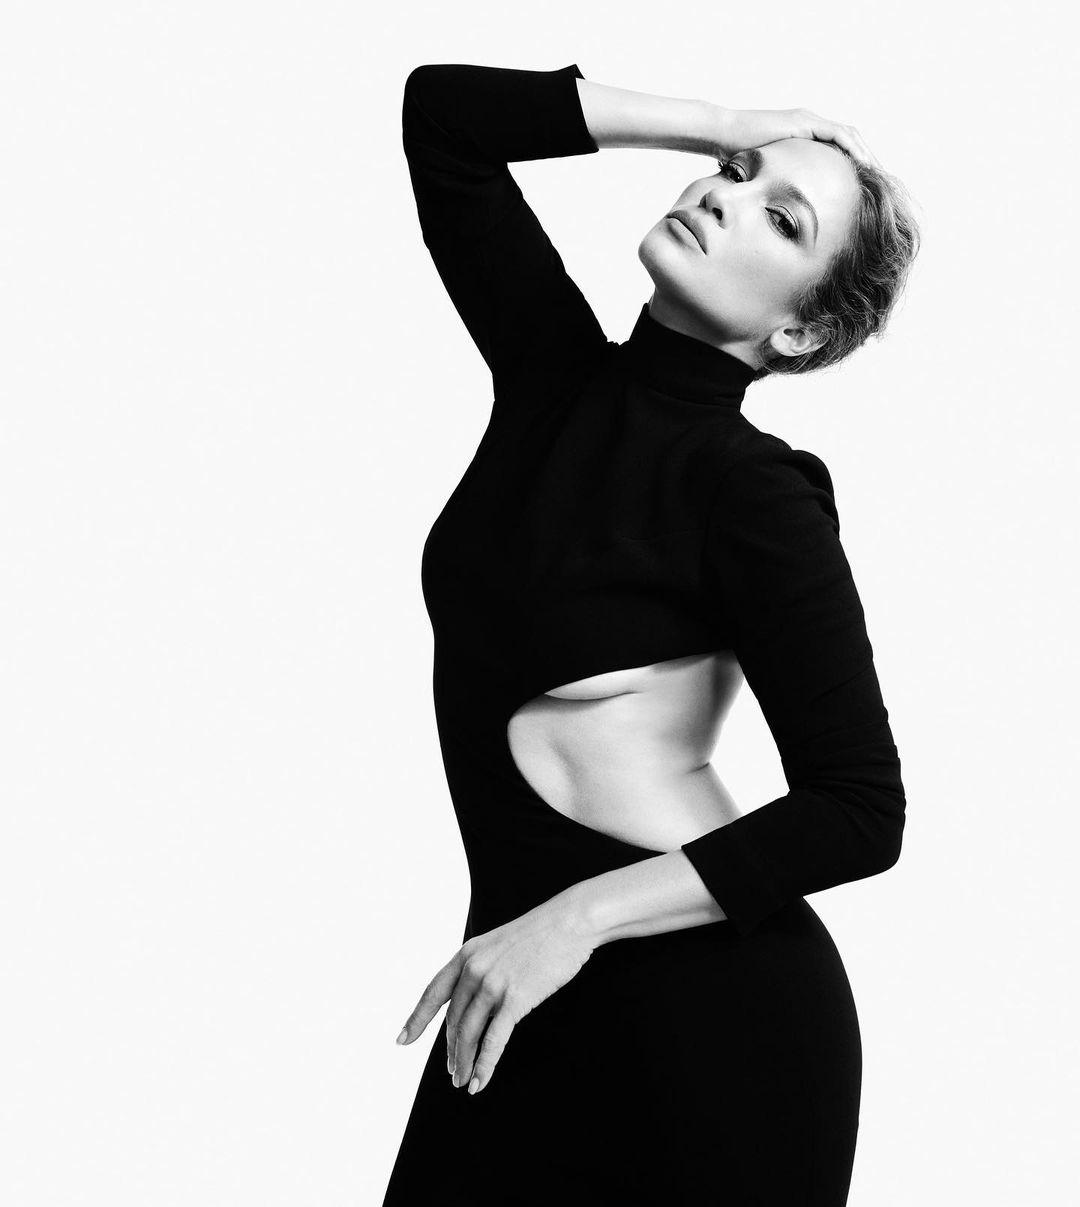 Jennifer lOPEZ 2020 PR - Jennifer Lopez - In The Morning